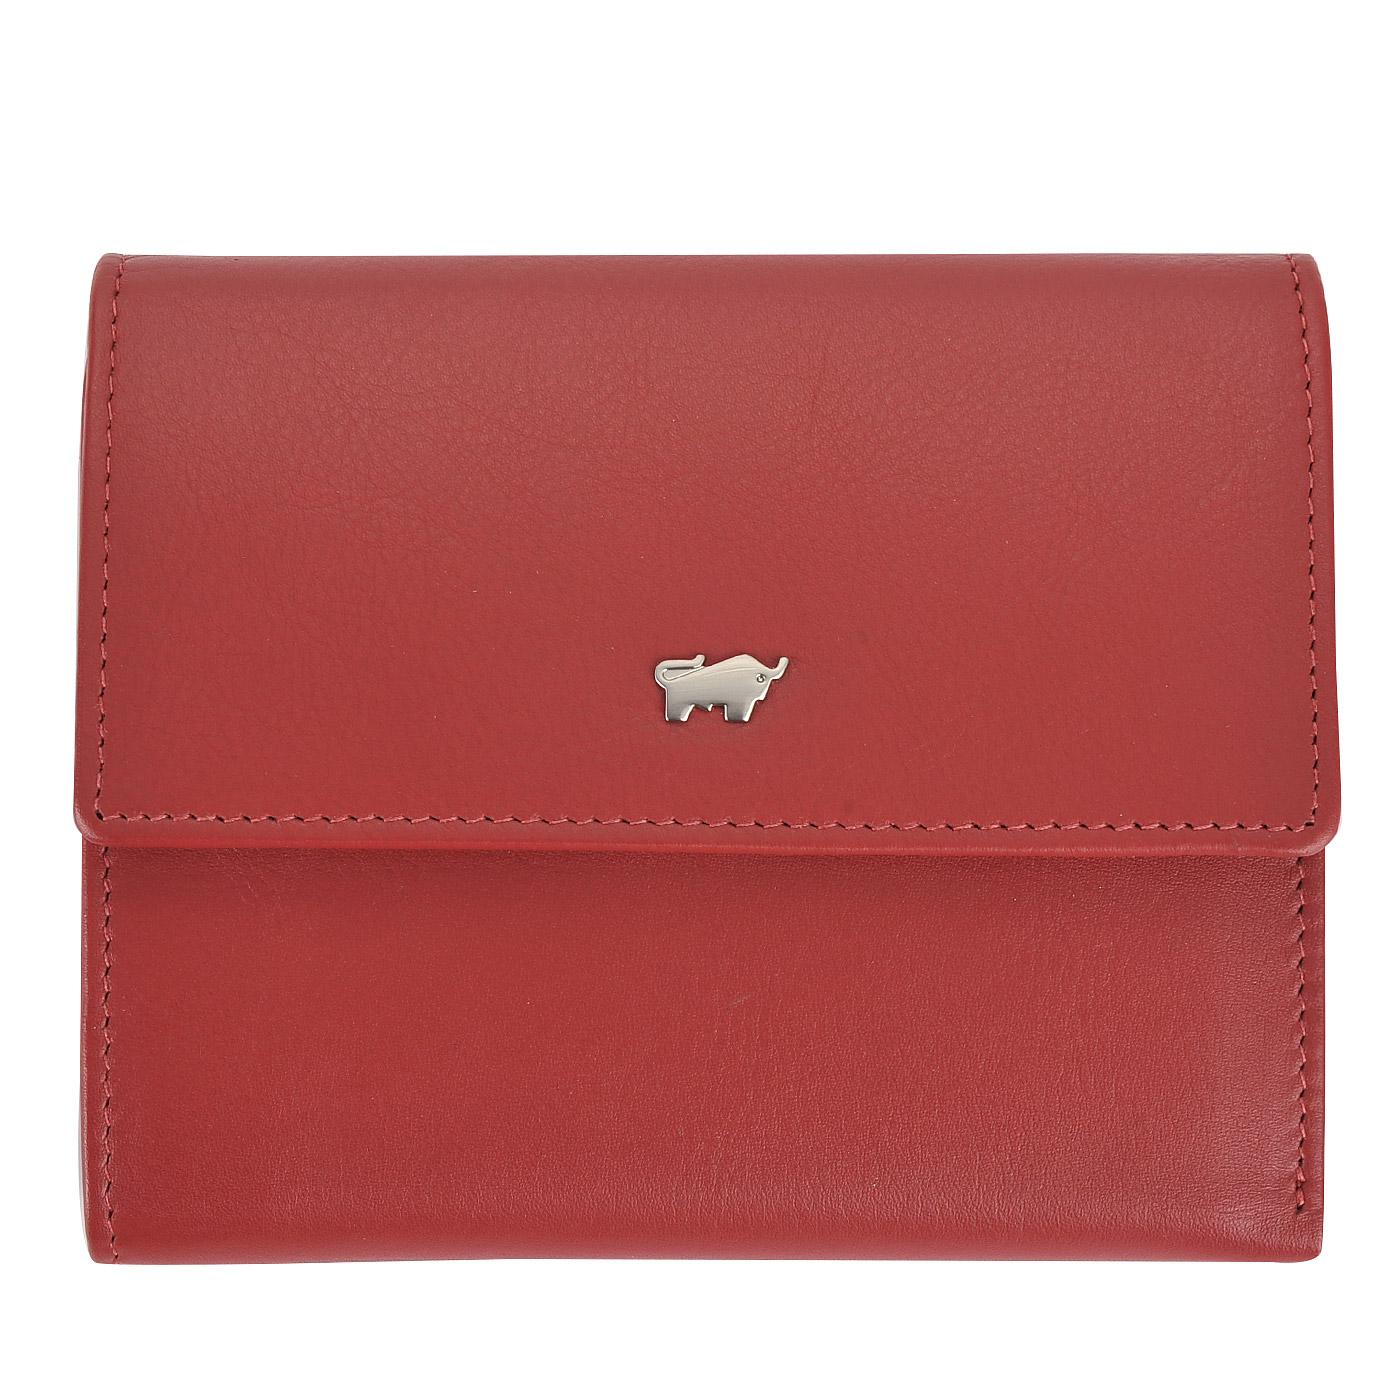 Кошельки женские - купить женский кошелек в интернет-магазине Пан ... 65b5a82f79e